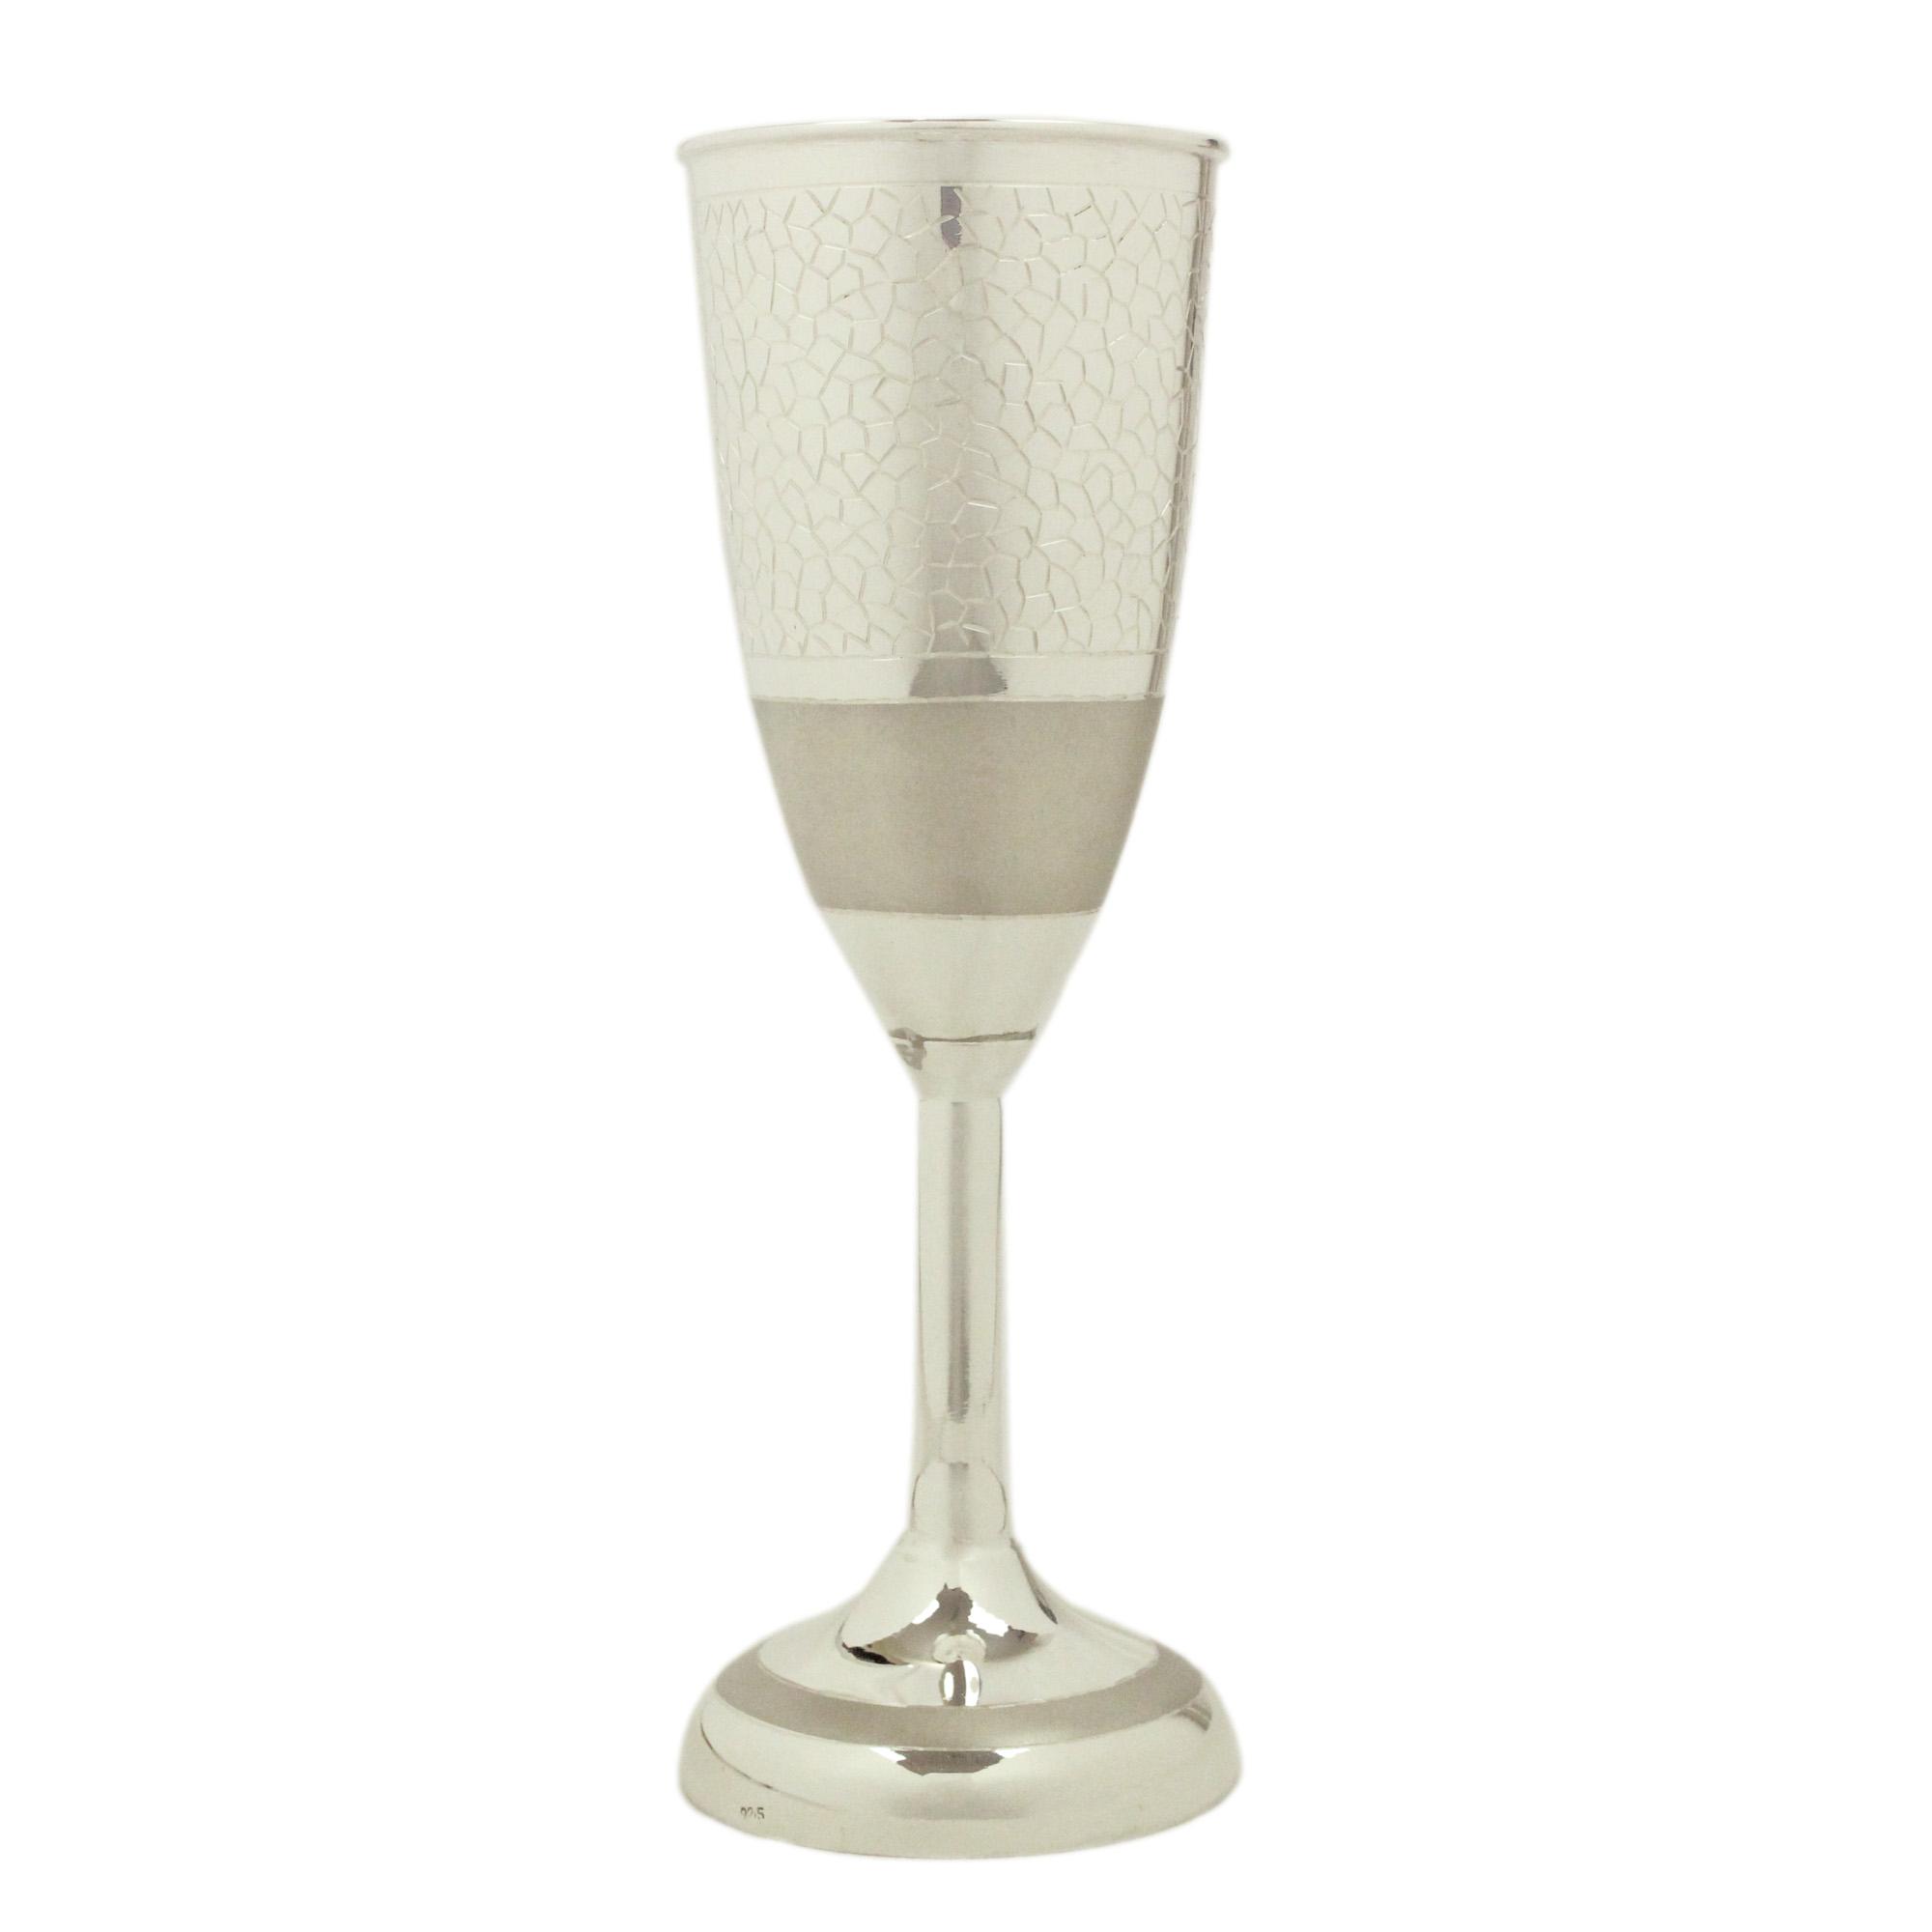 Wine Glass in Silver by Osasbazaar Main